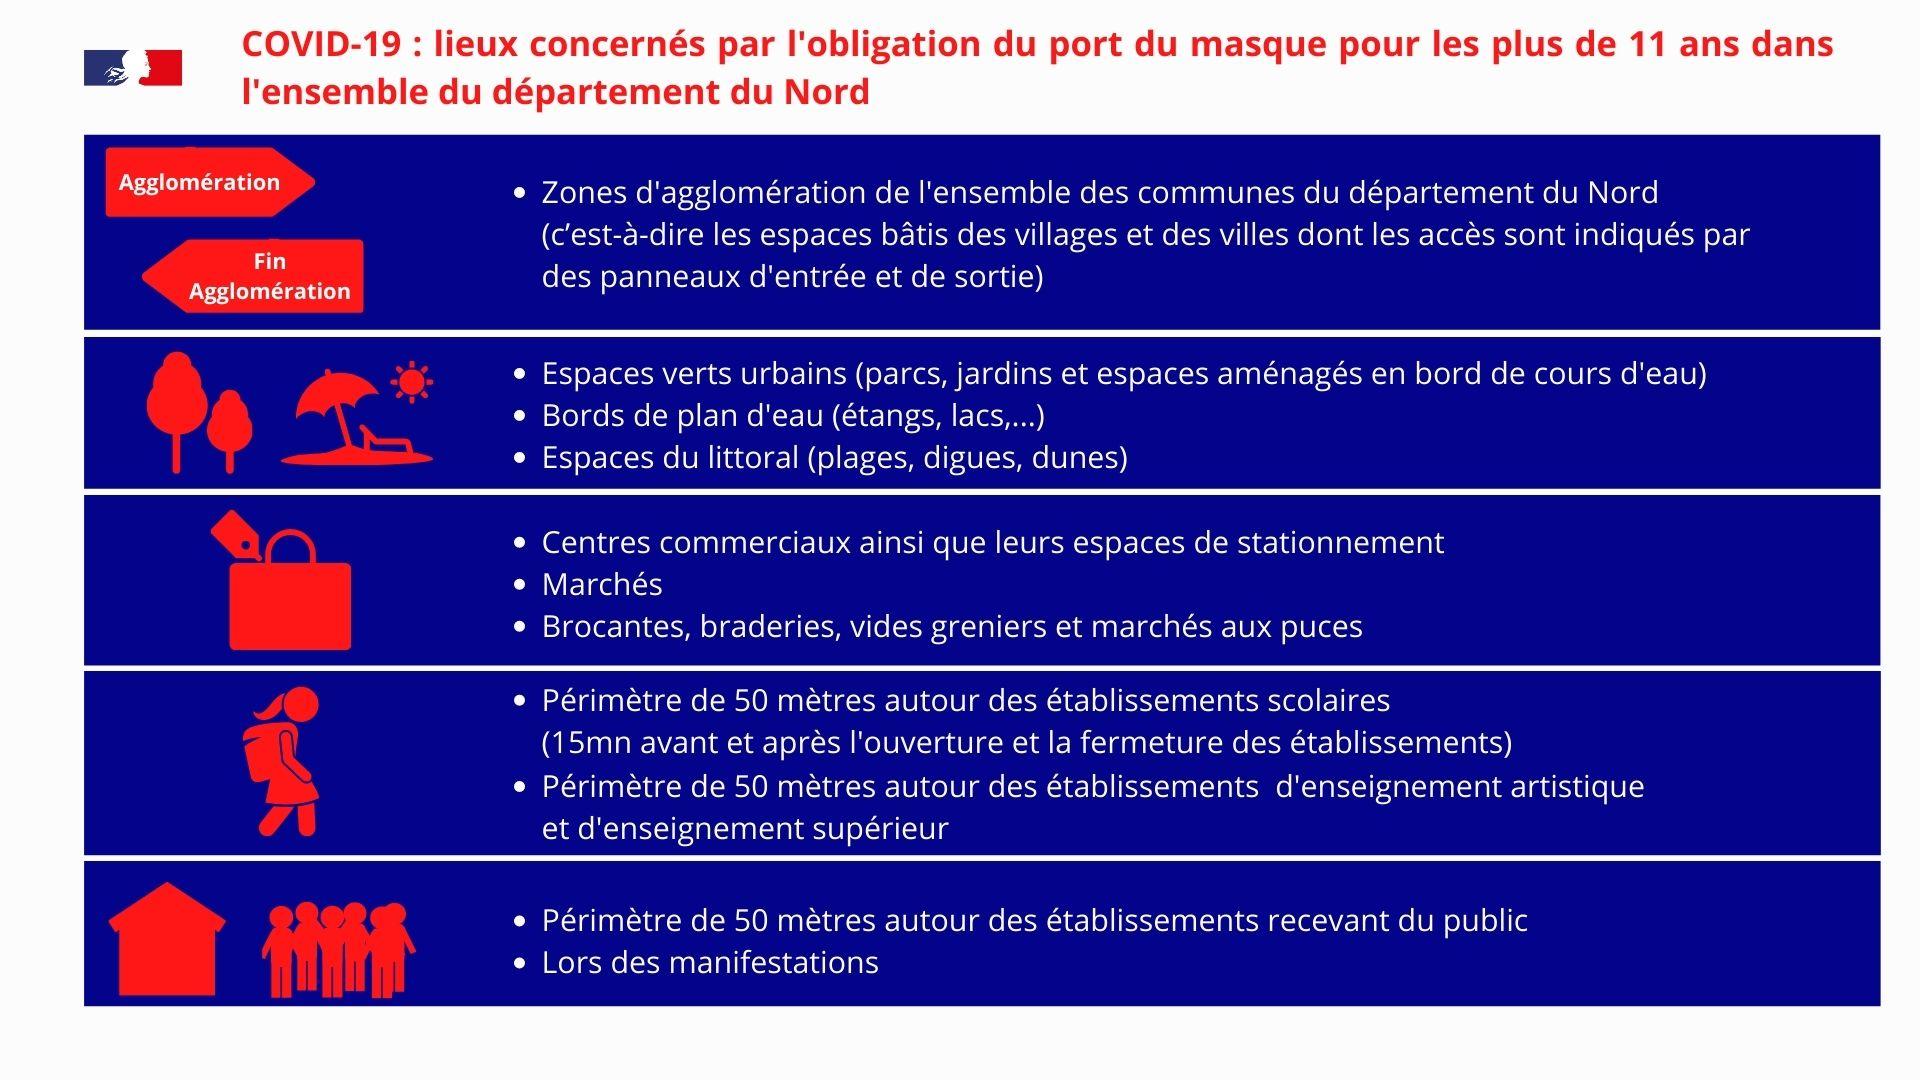 Vignette réseaux sociaux - Obligation port du masque.jpg